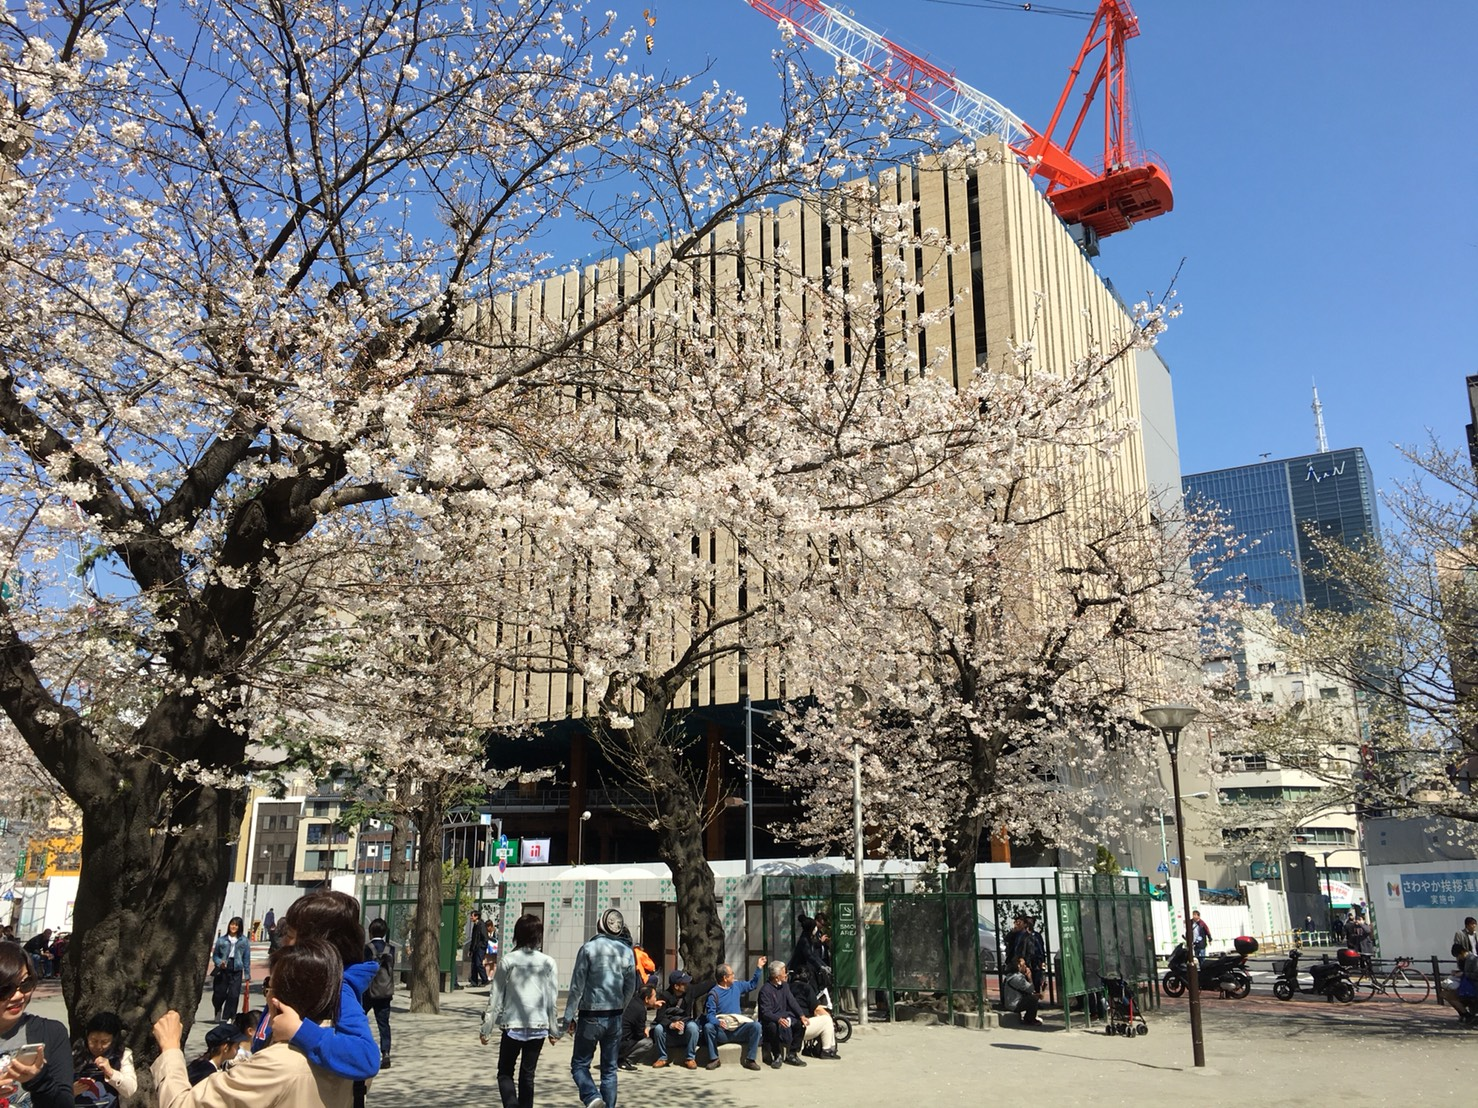 【池袋駅】春爛漫!公園まわって桜を見に行こう!池袋東口の満開公園お花見散歩コース。の中池袋公園2